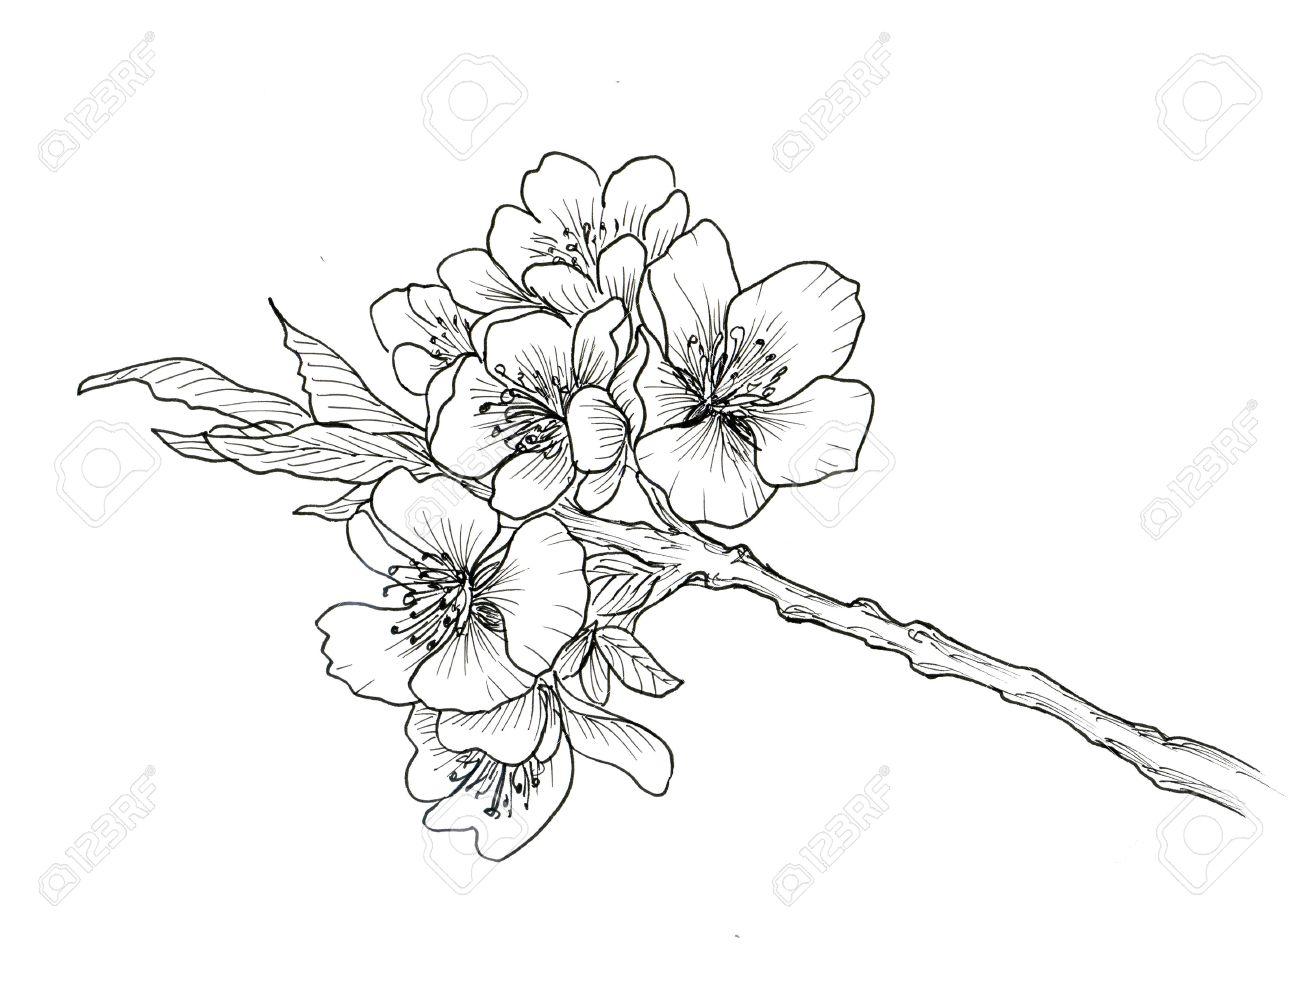 Main Branche Dessinee De Fleur De Cerisier Isole Sur Fond Blanc